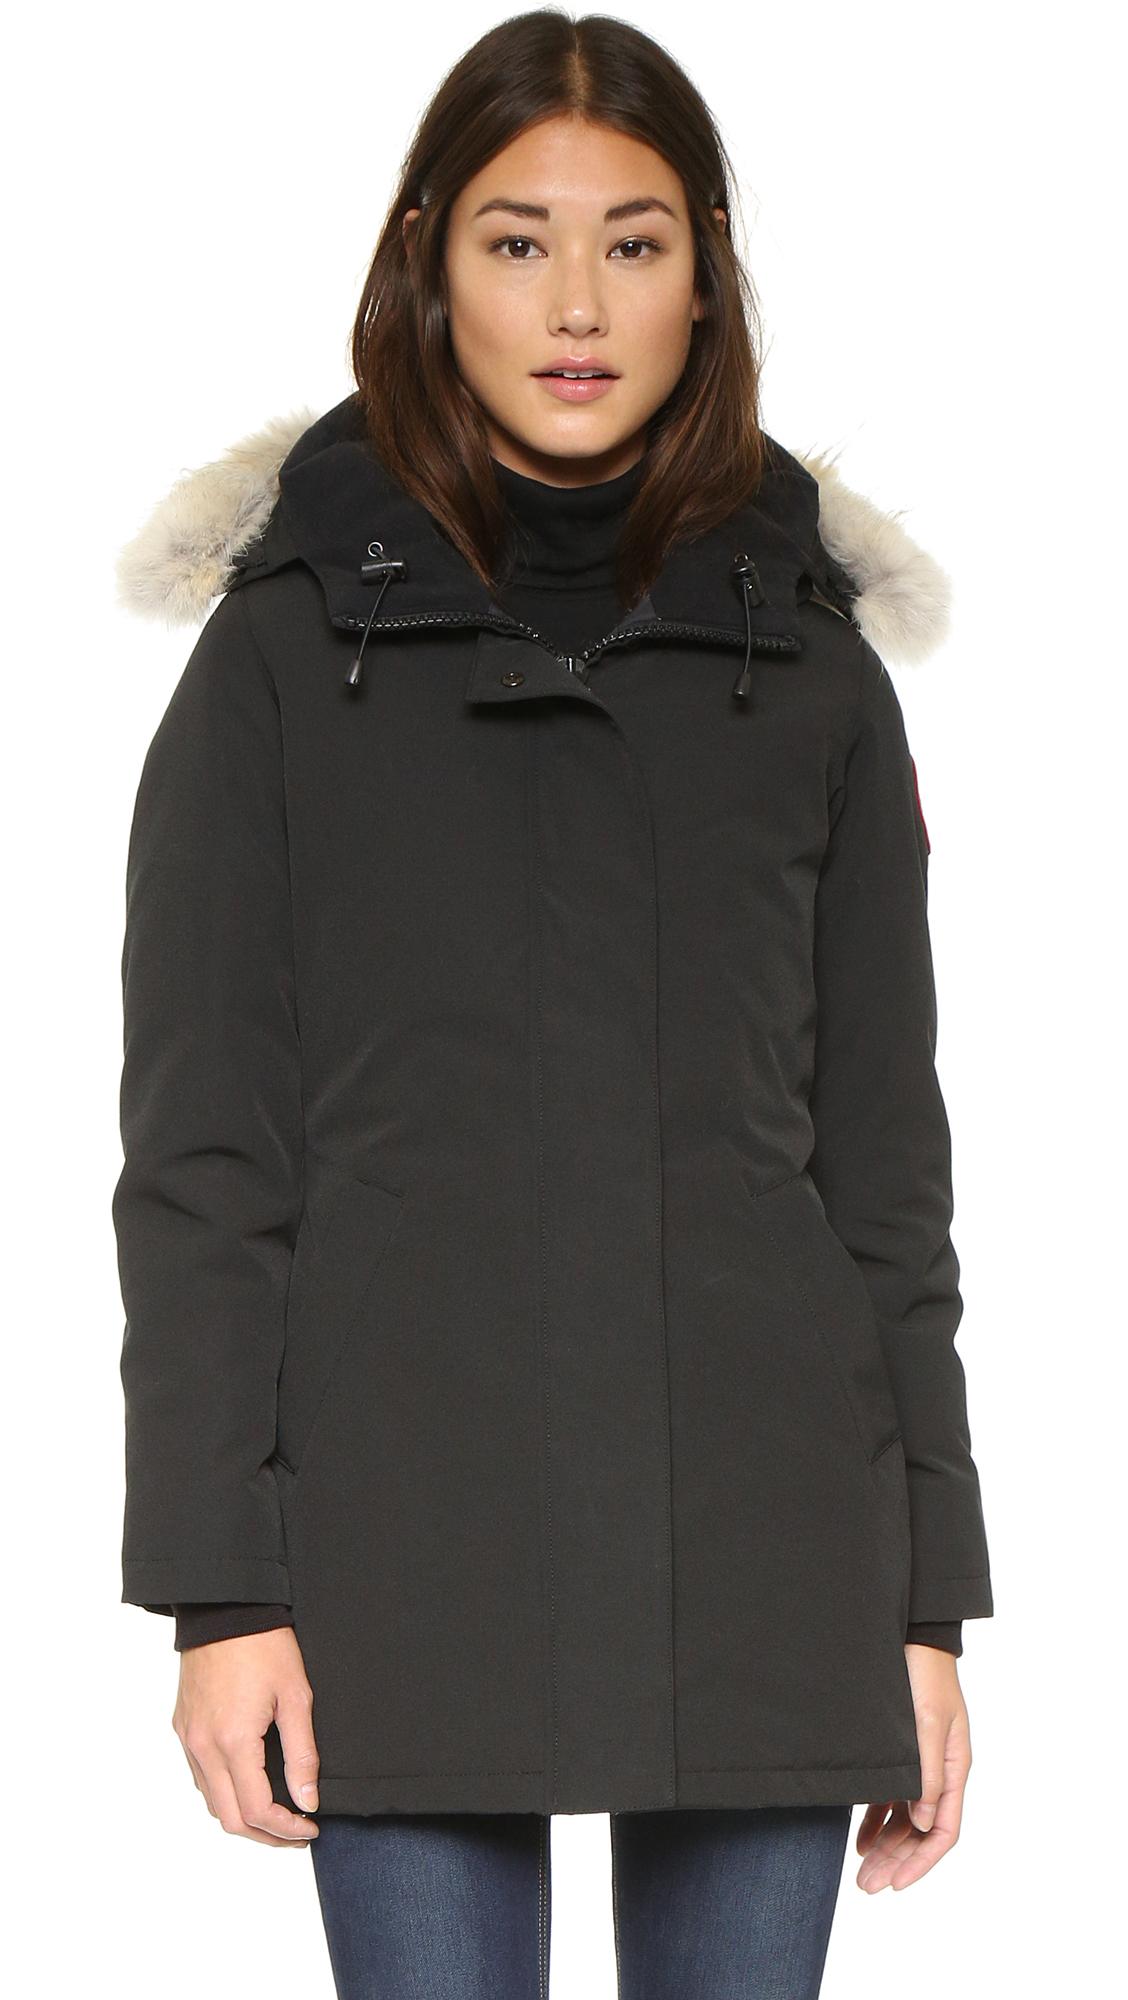 victoria parka canada goose jacket